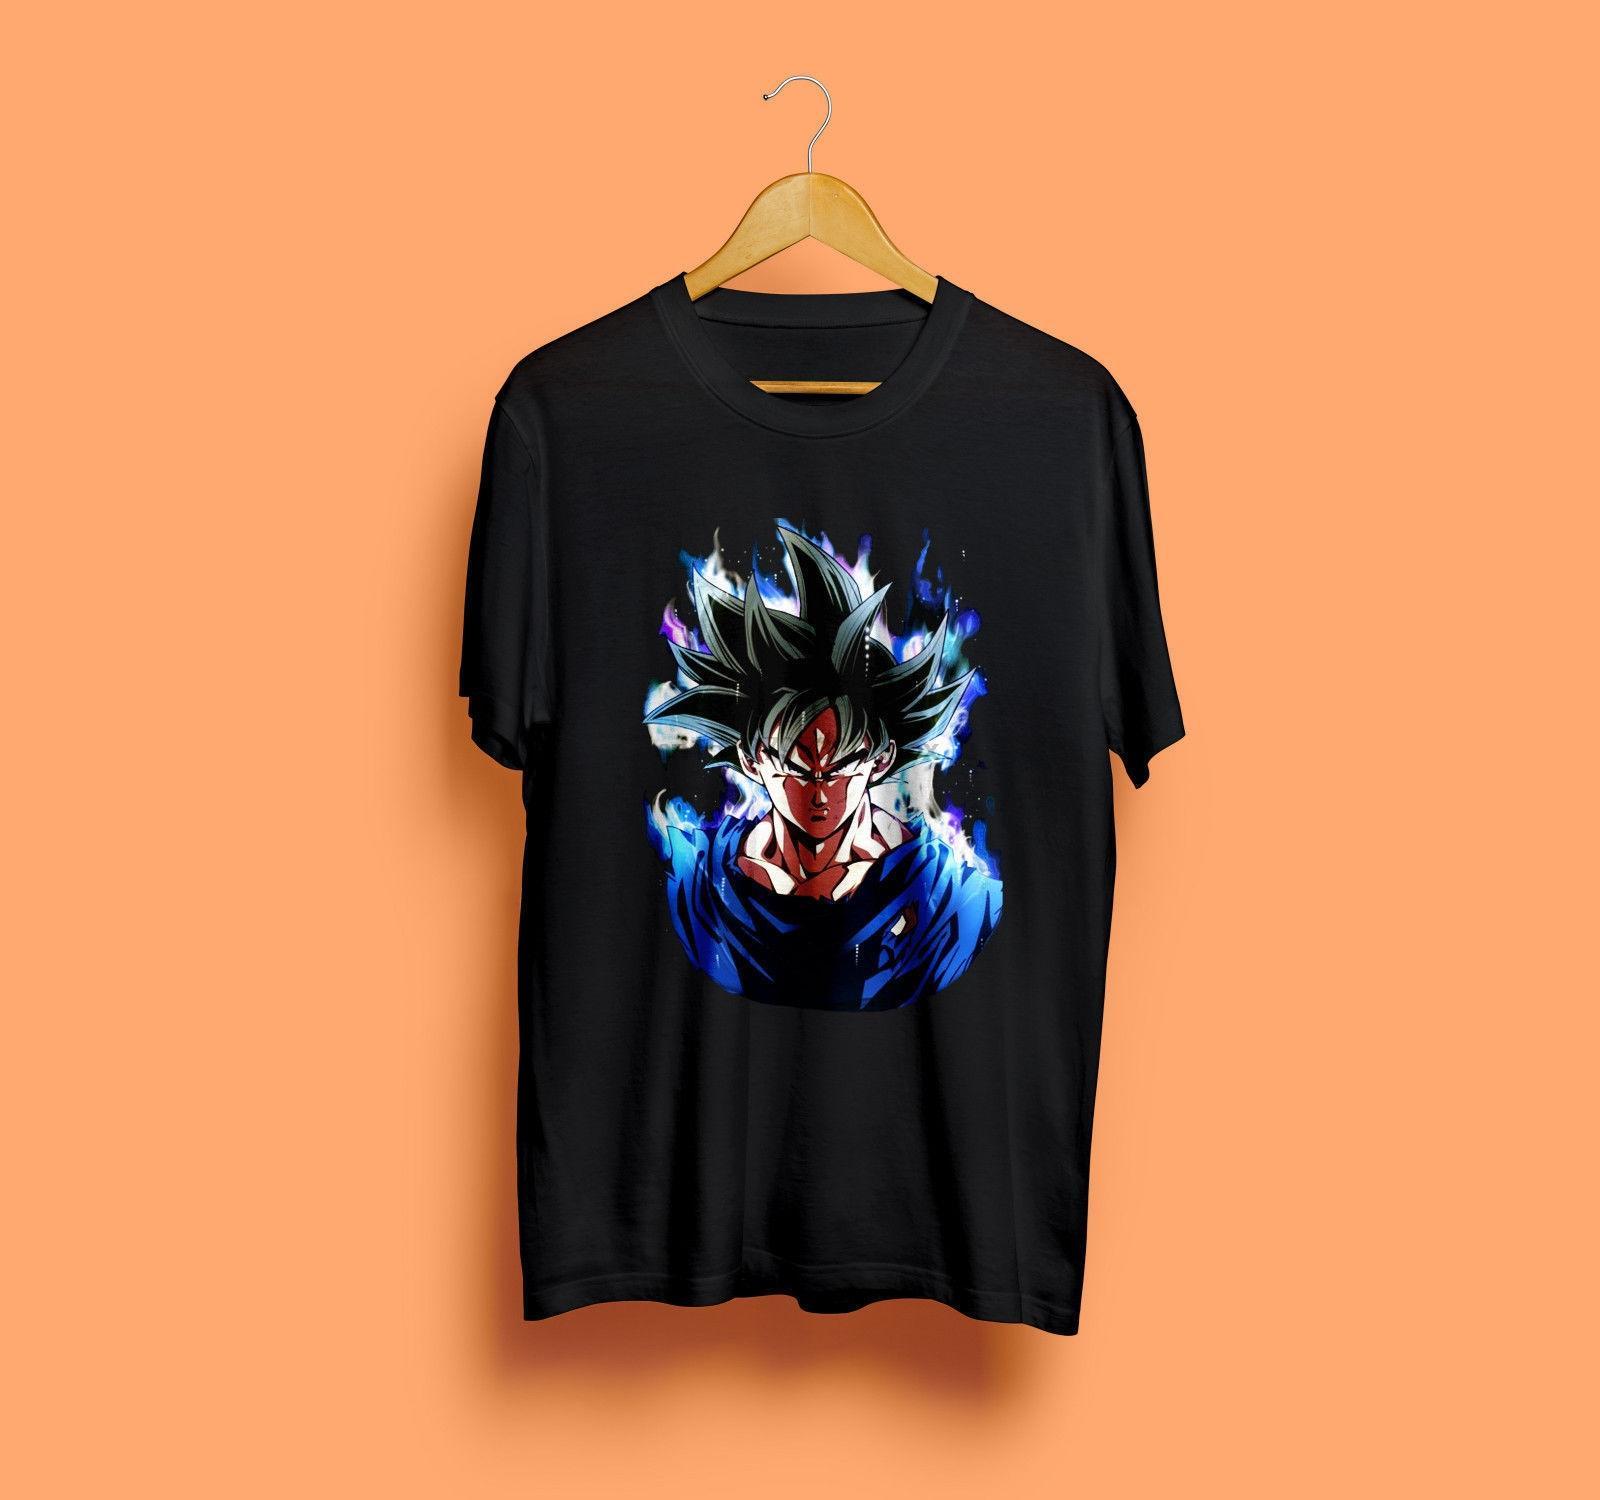 Super Goku Ultra Instinct T-Shirt Super Saiyan Vs Jiren Raffreddare il trasporto libero maglietta Harajuku parti superiori di modo